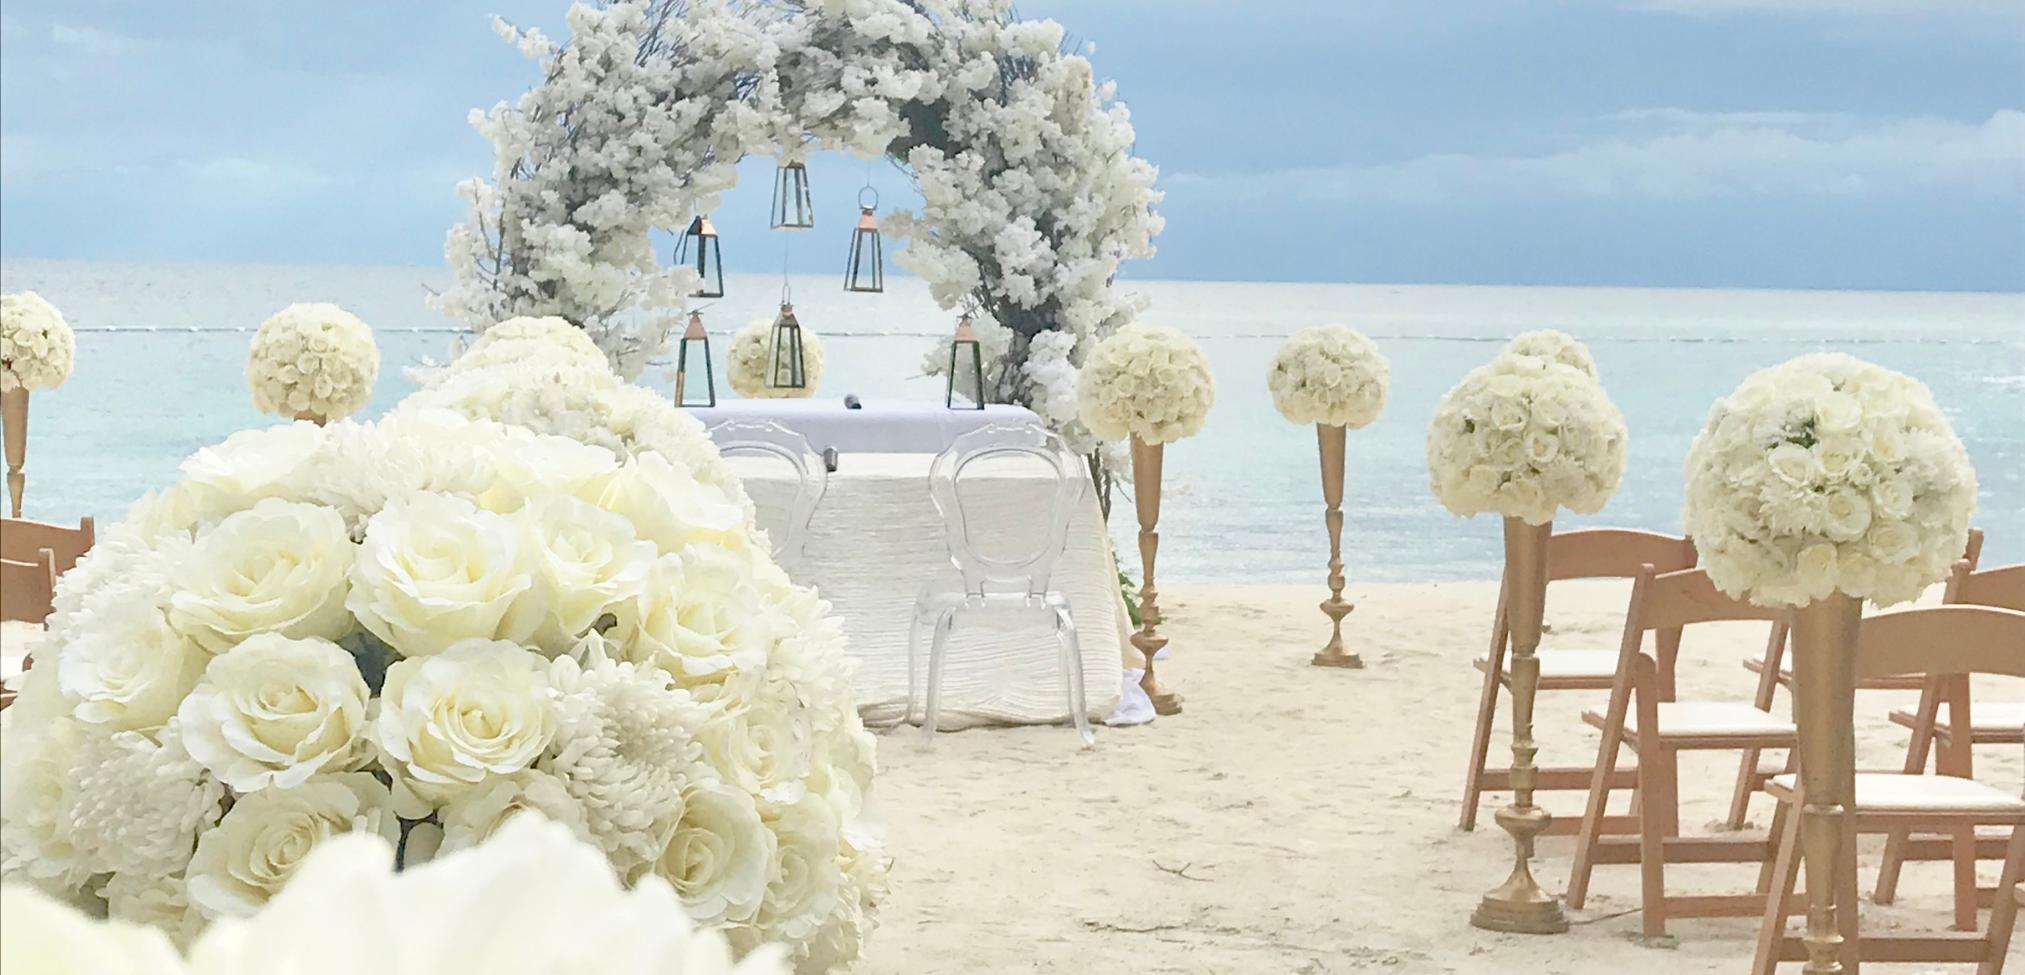 Traumhochzeit in Mexiko: Heiraten